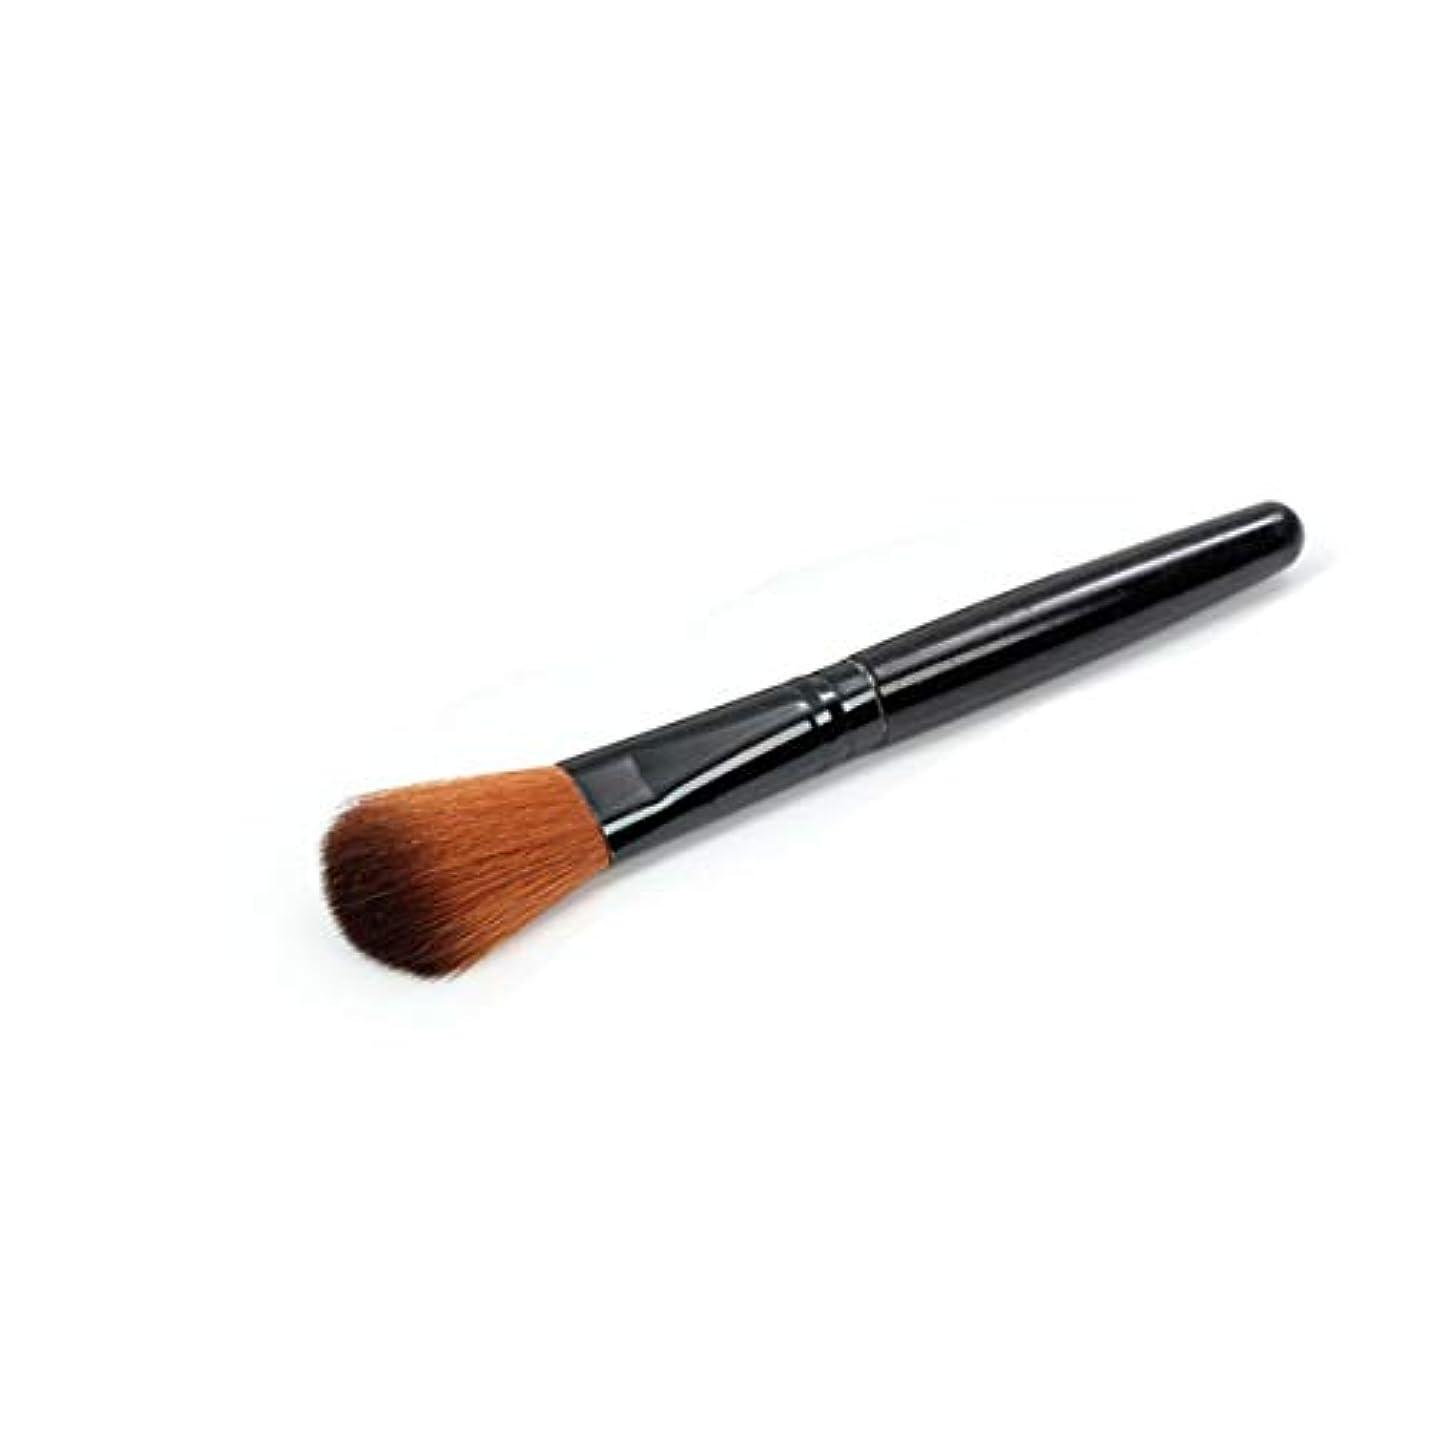 明快収入狭いIntercoreyの大きい粉のブラシの専門の粉の構造のブラシの単一のブラシの表面赤面の美は化粧品用具を構成します